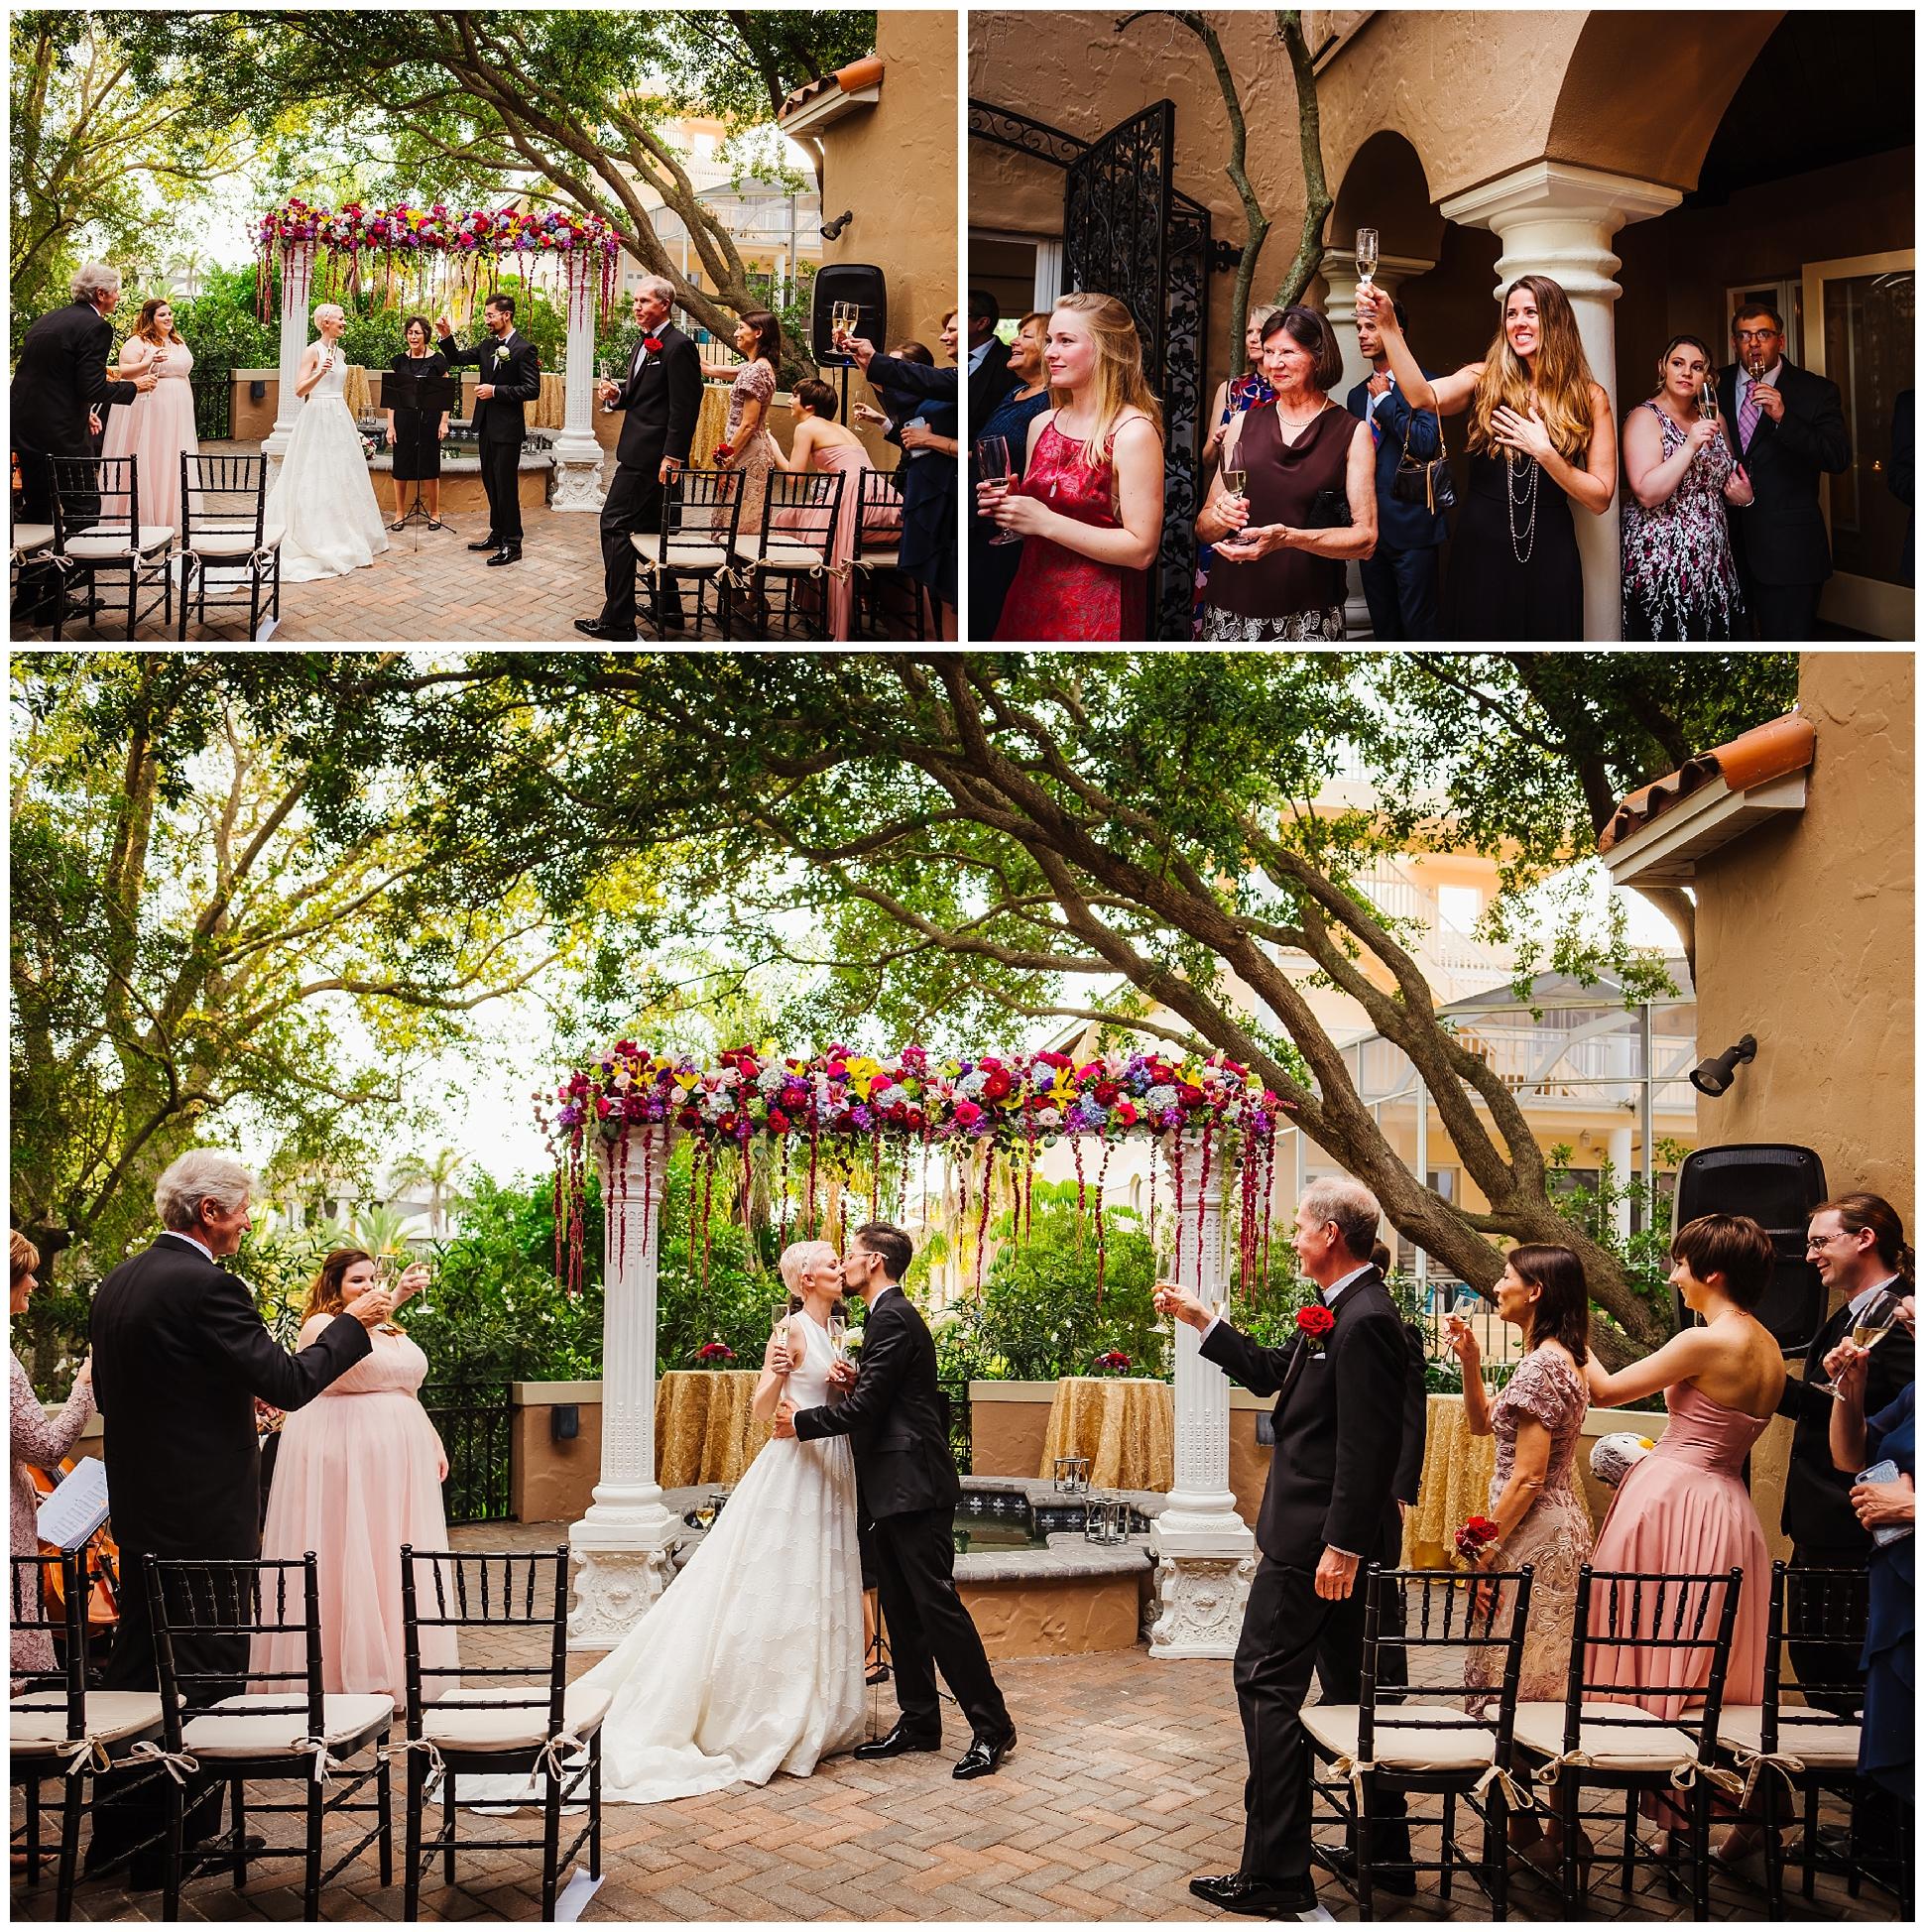 tierra-verde-st-pete-florida-home-luxury-wedding-greenery-pink-pixie-bride_0061.jpg